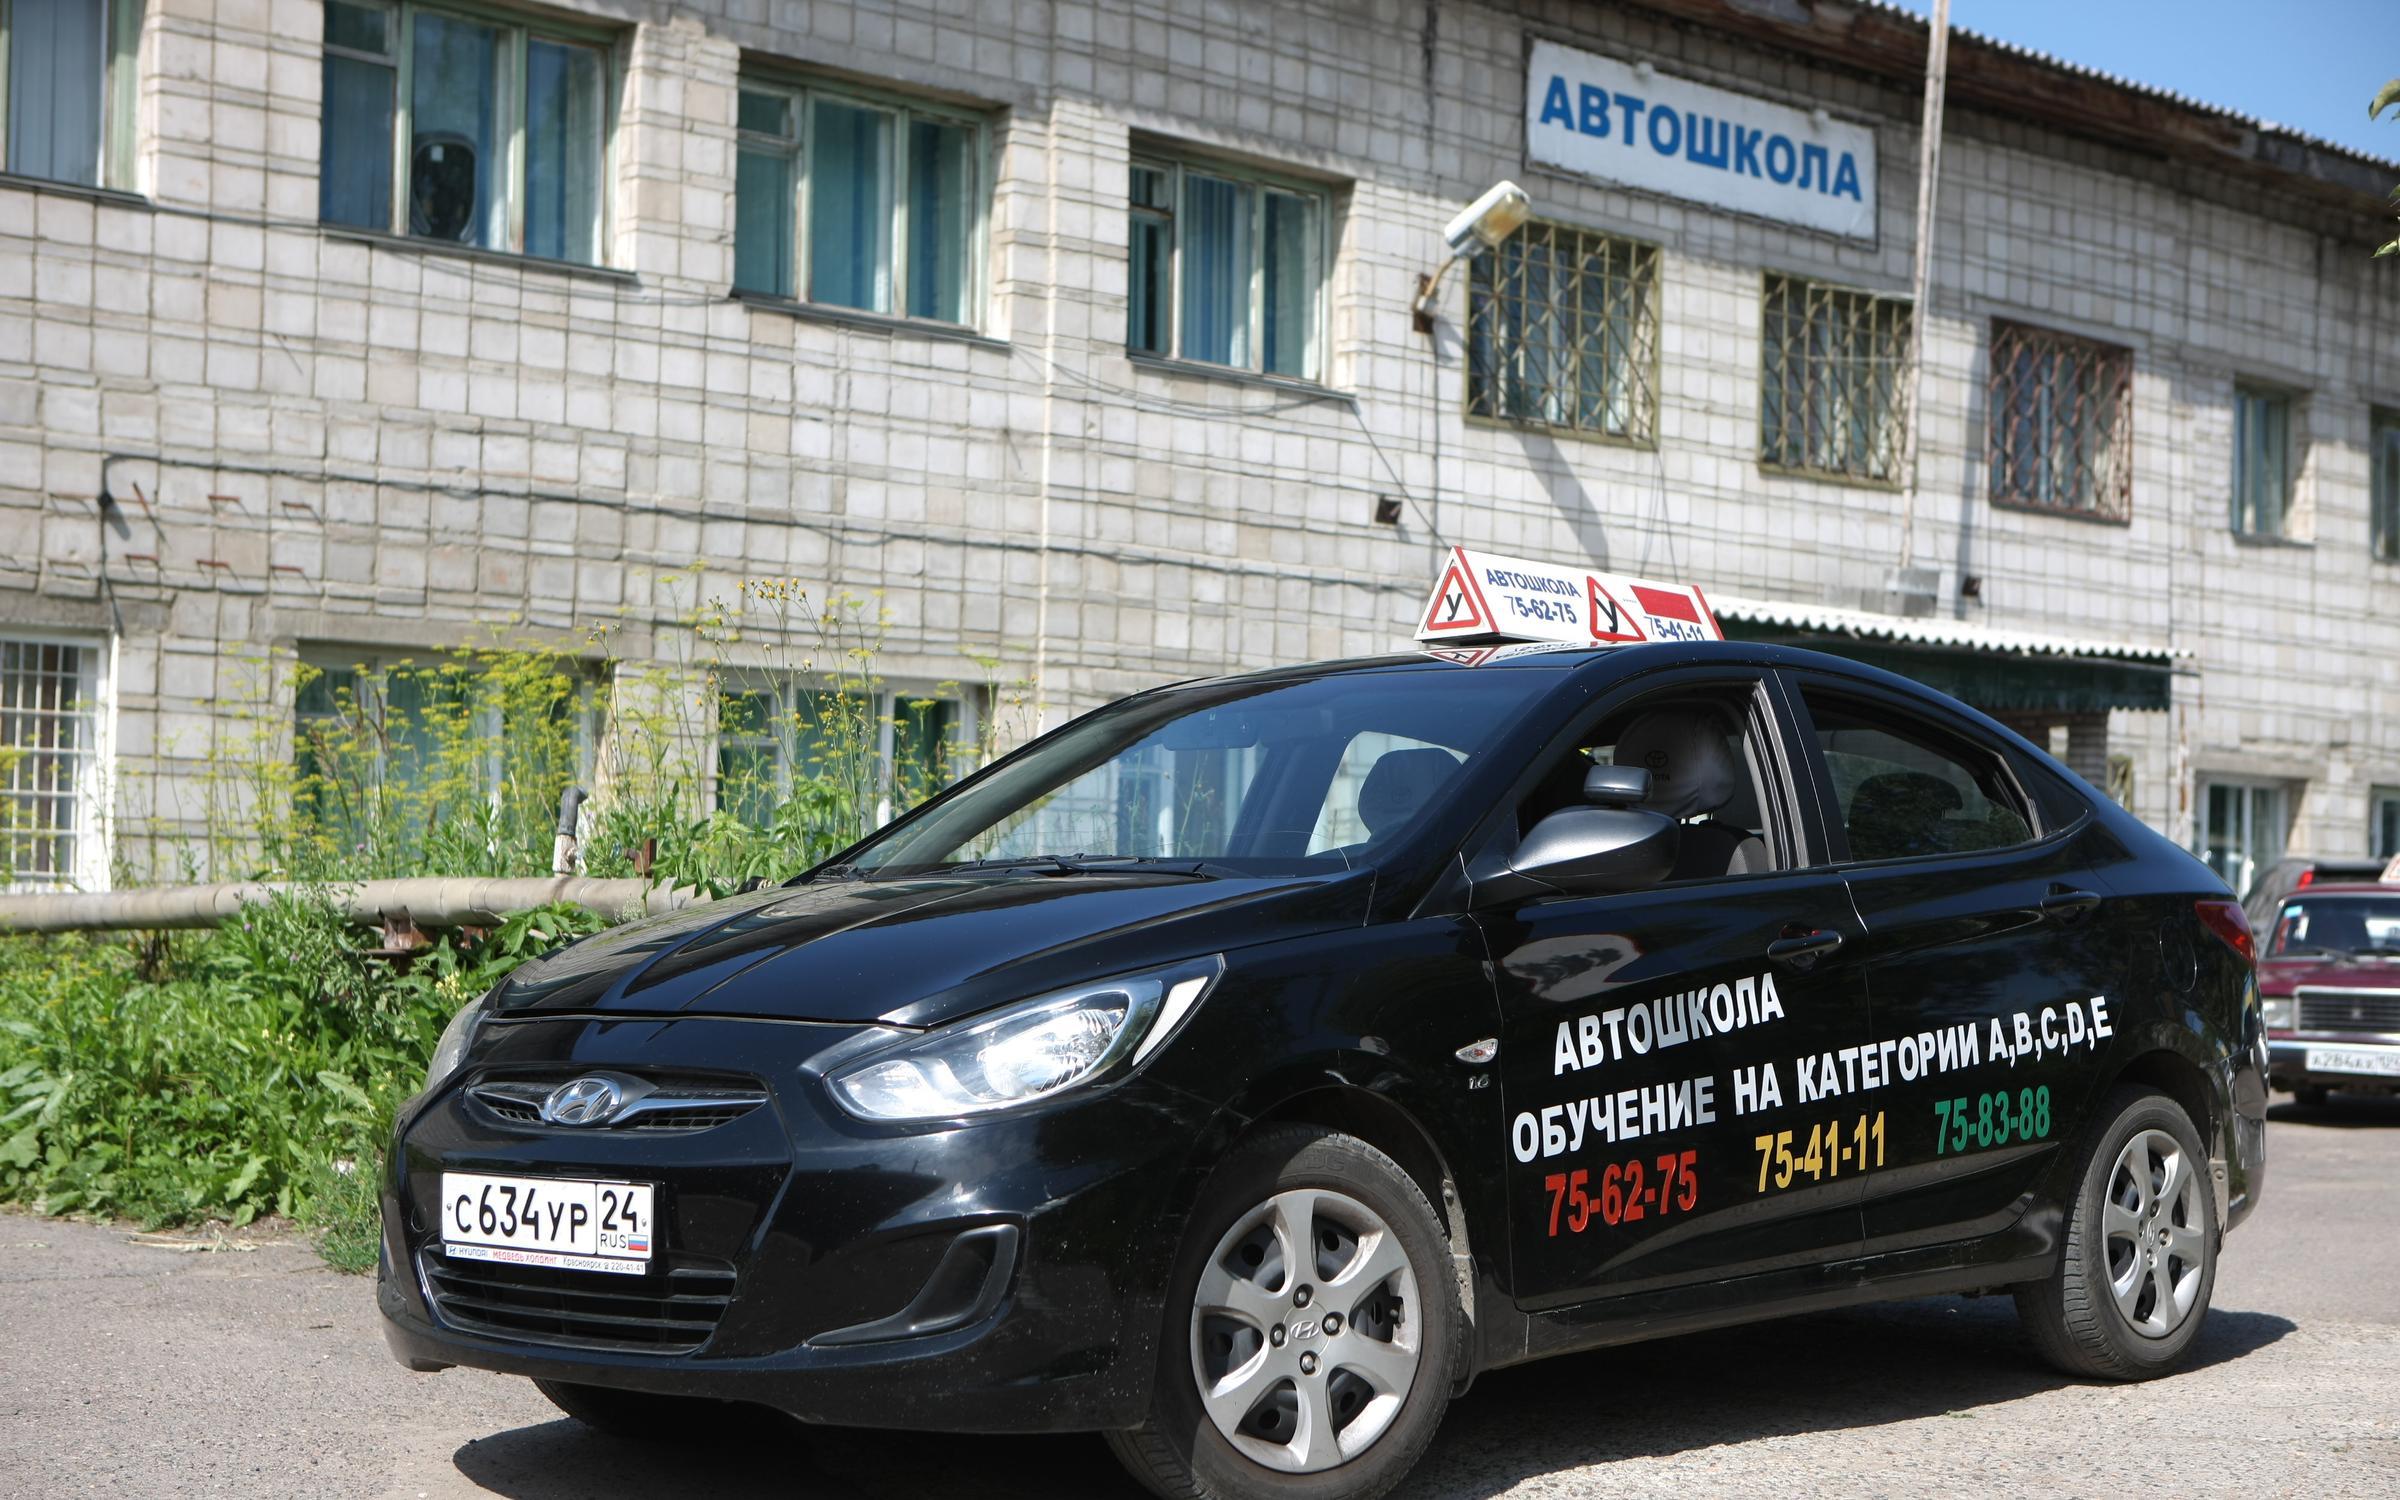 фотография Автошколы (ранее ДОСААФ) на Привокзальной улице в Железногорске